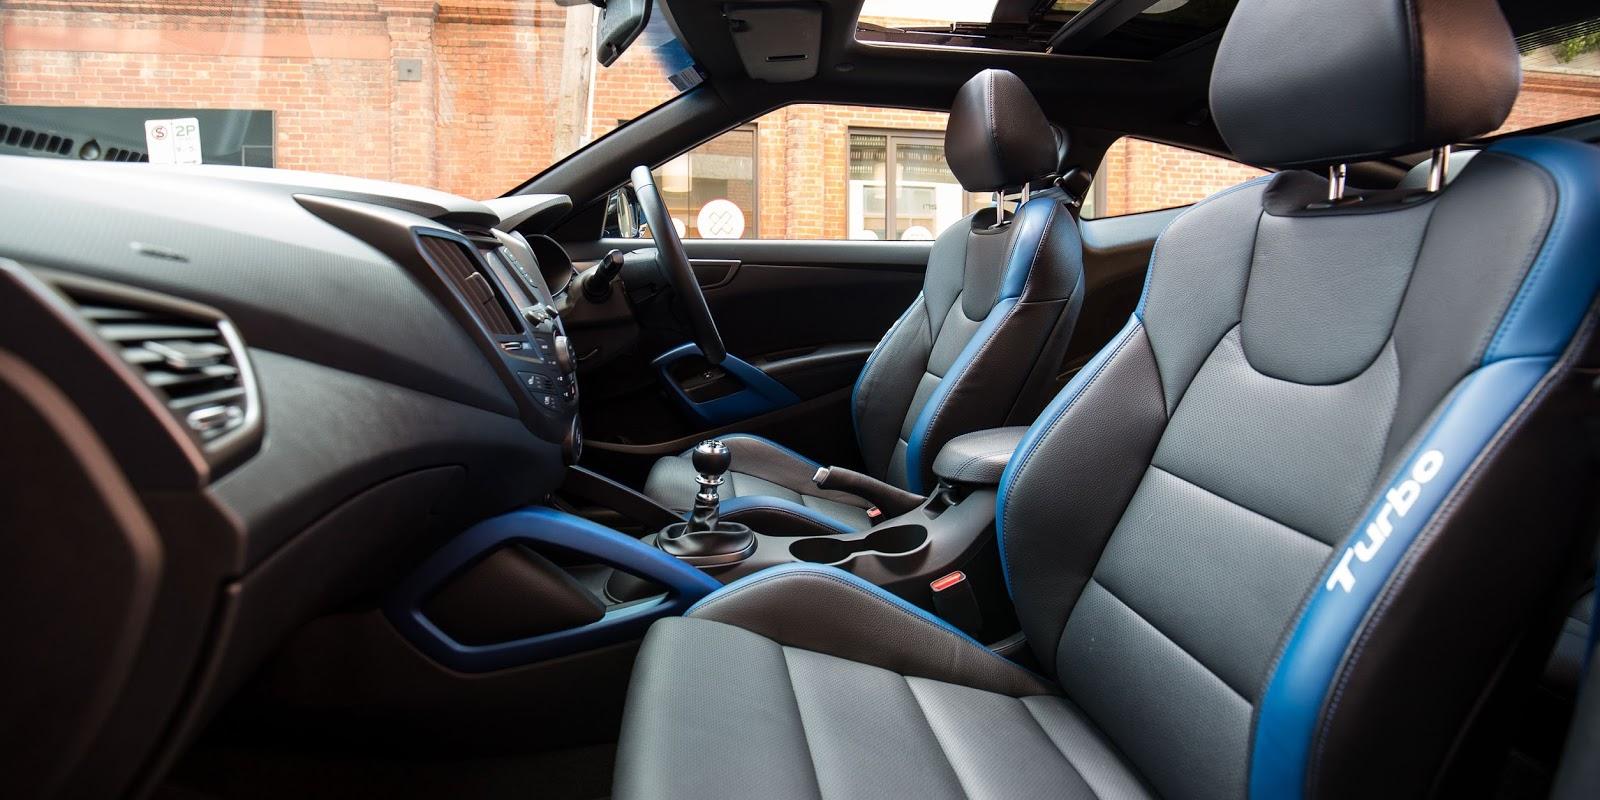 Hàng ghế trước chắc chắn, đây là bản Turbo, nên sẽ có khác biệt với bản cơ sở